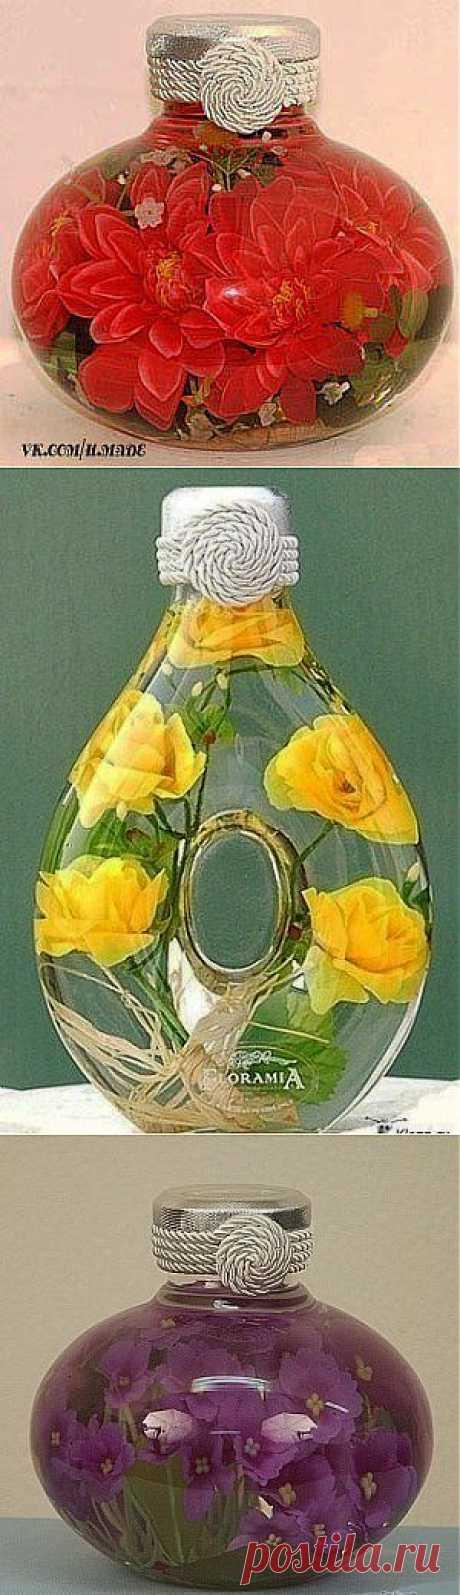 Как сохранить цветы при помощи глицерина | Умелые ручки